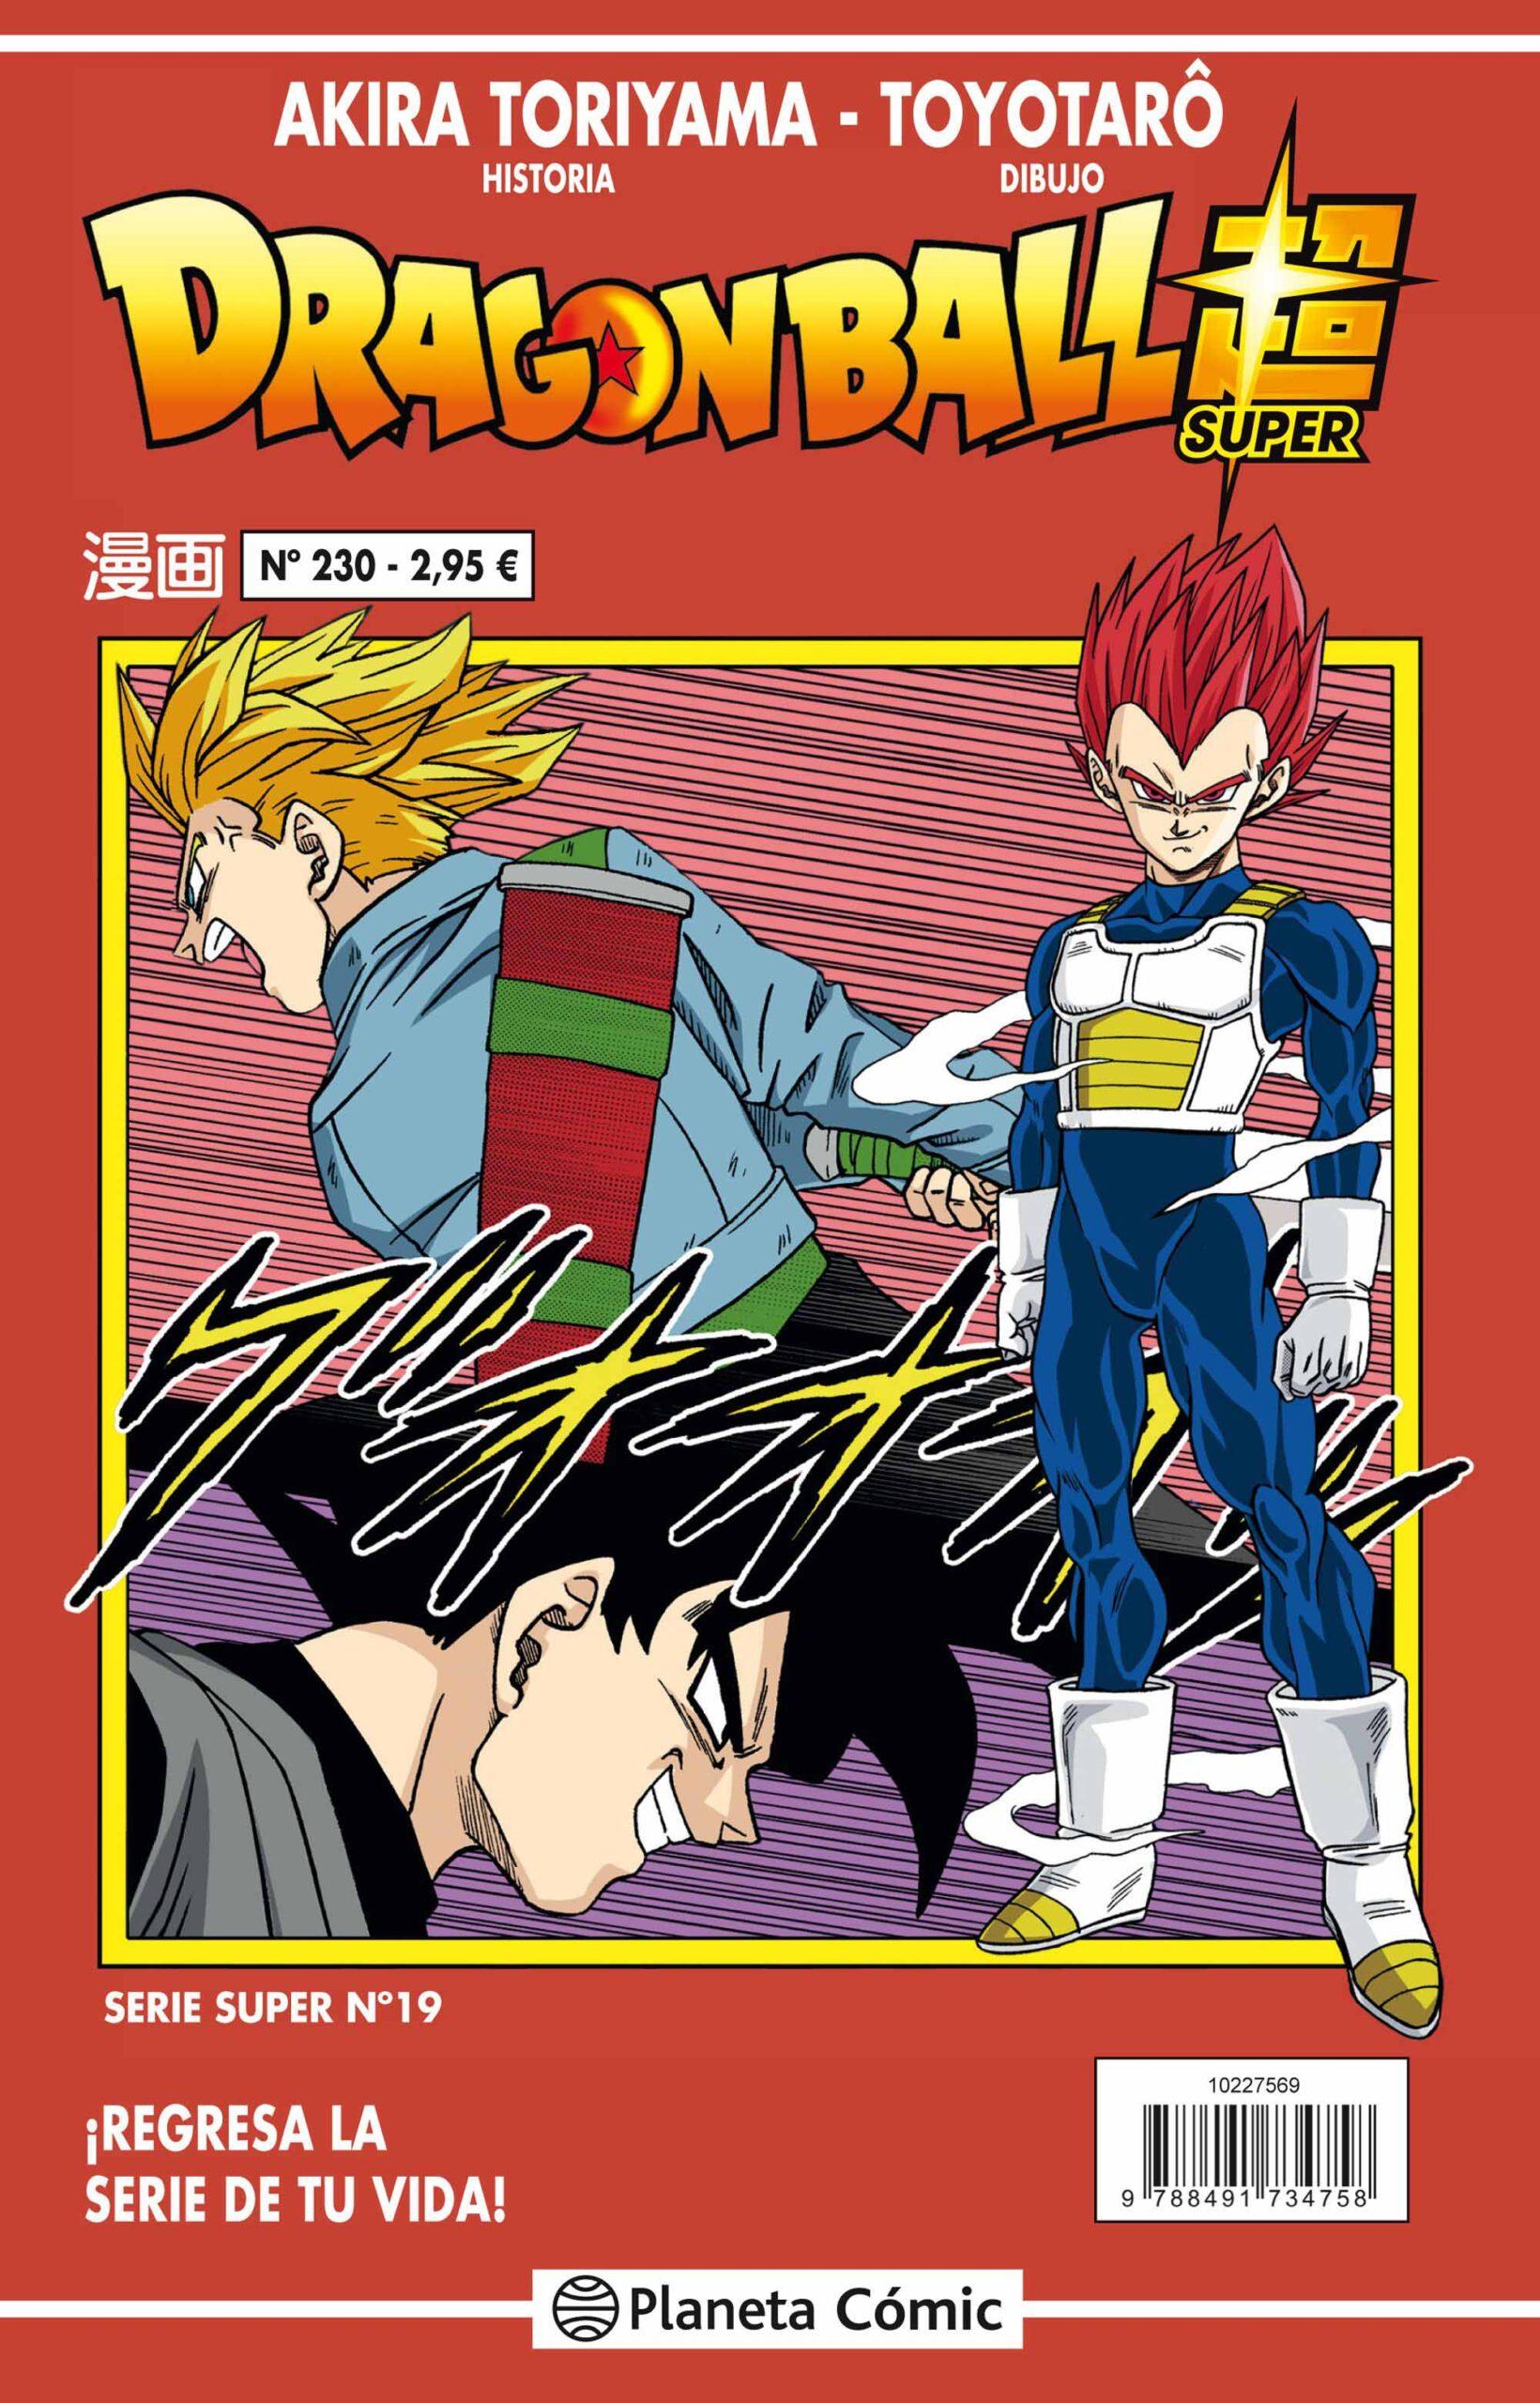 'Dragon Ball Super' nº 19 / nº 230 Serie Roja, reseña del manga